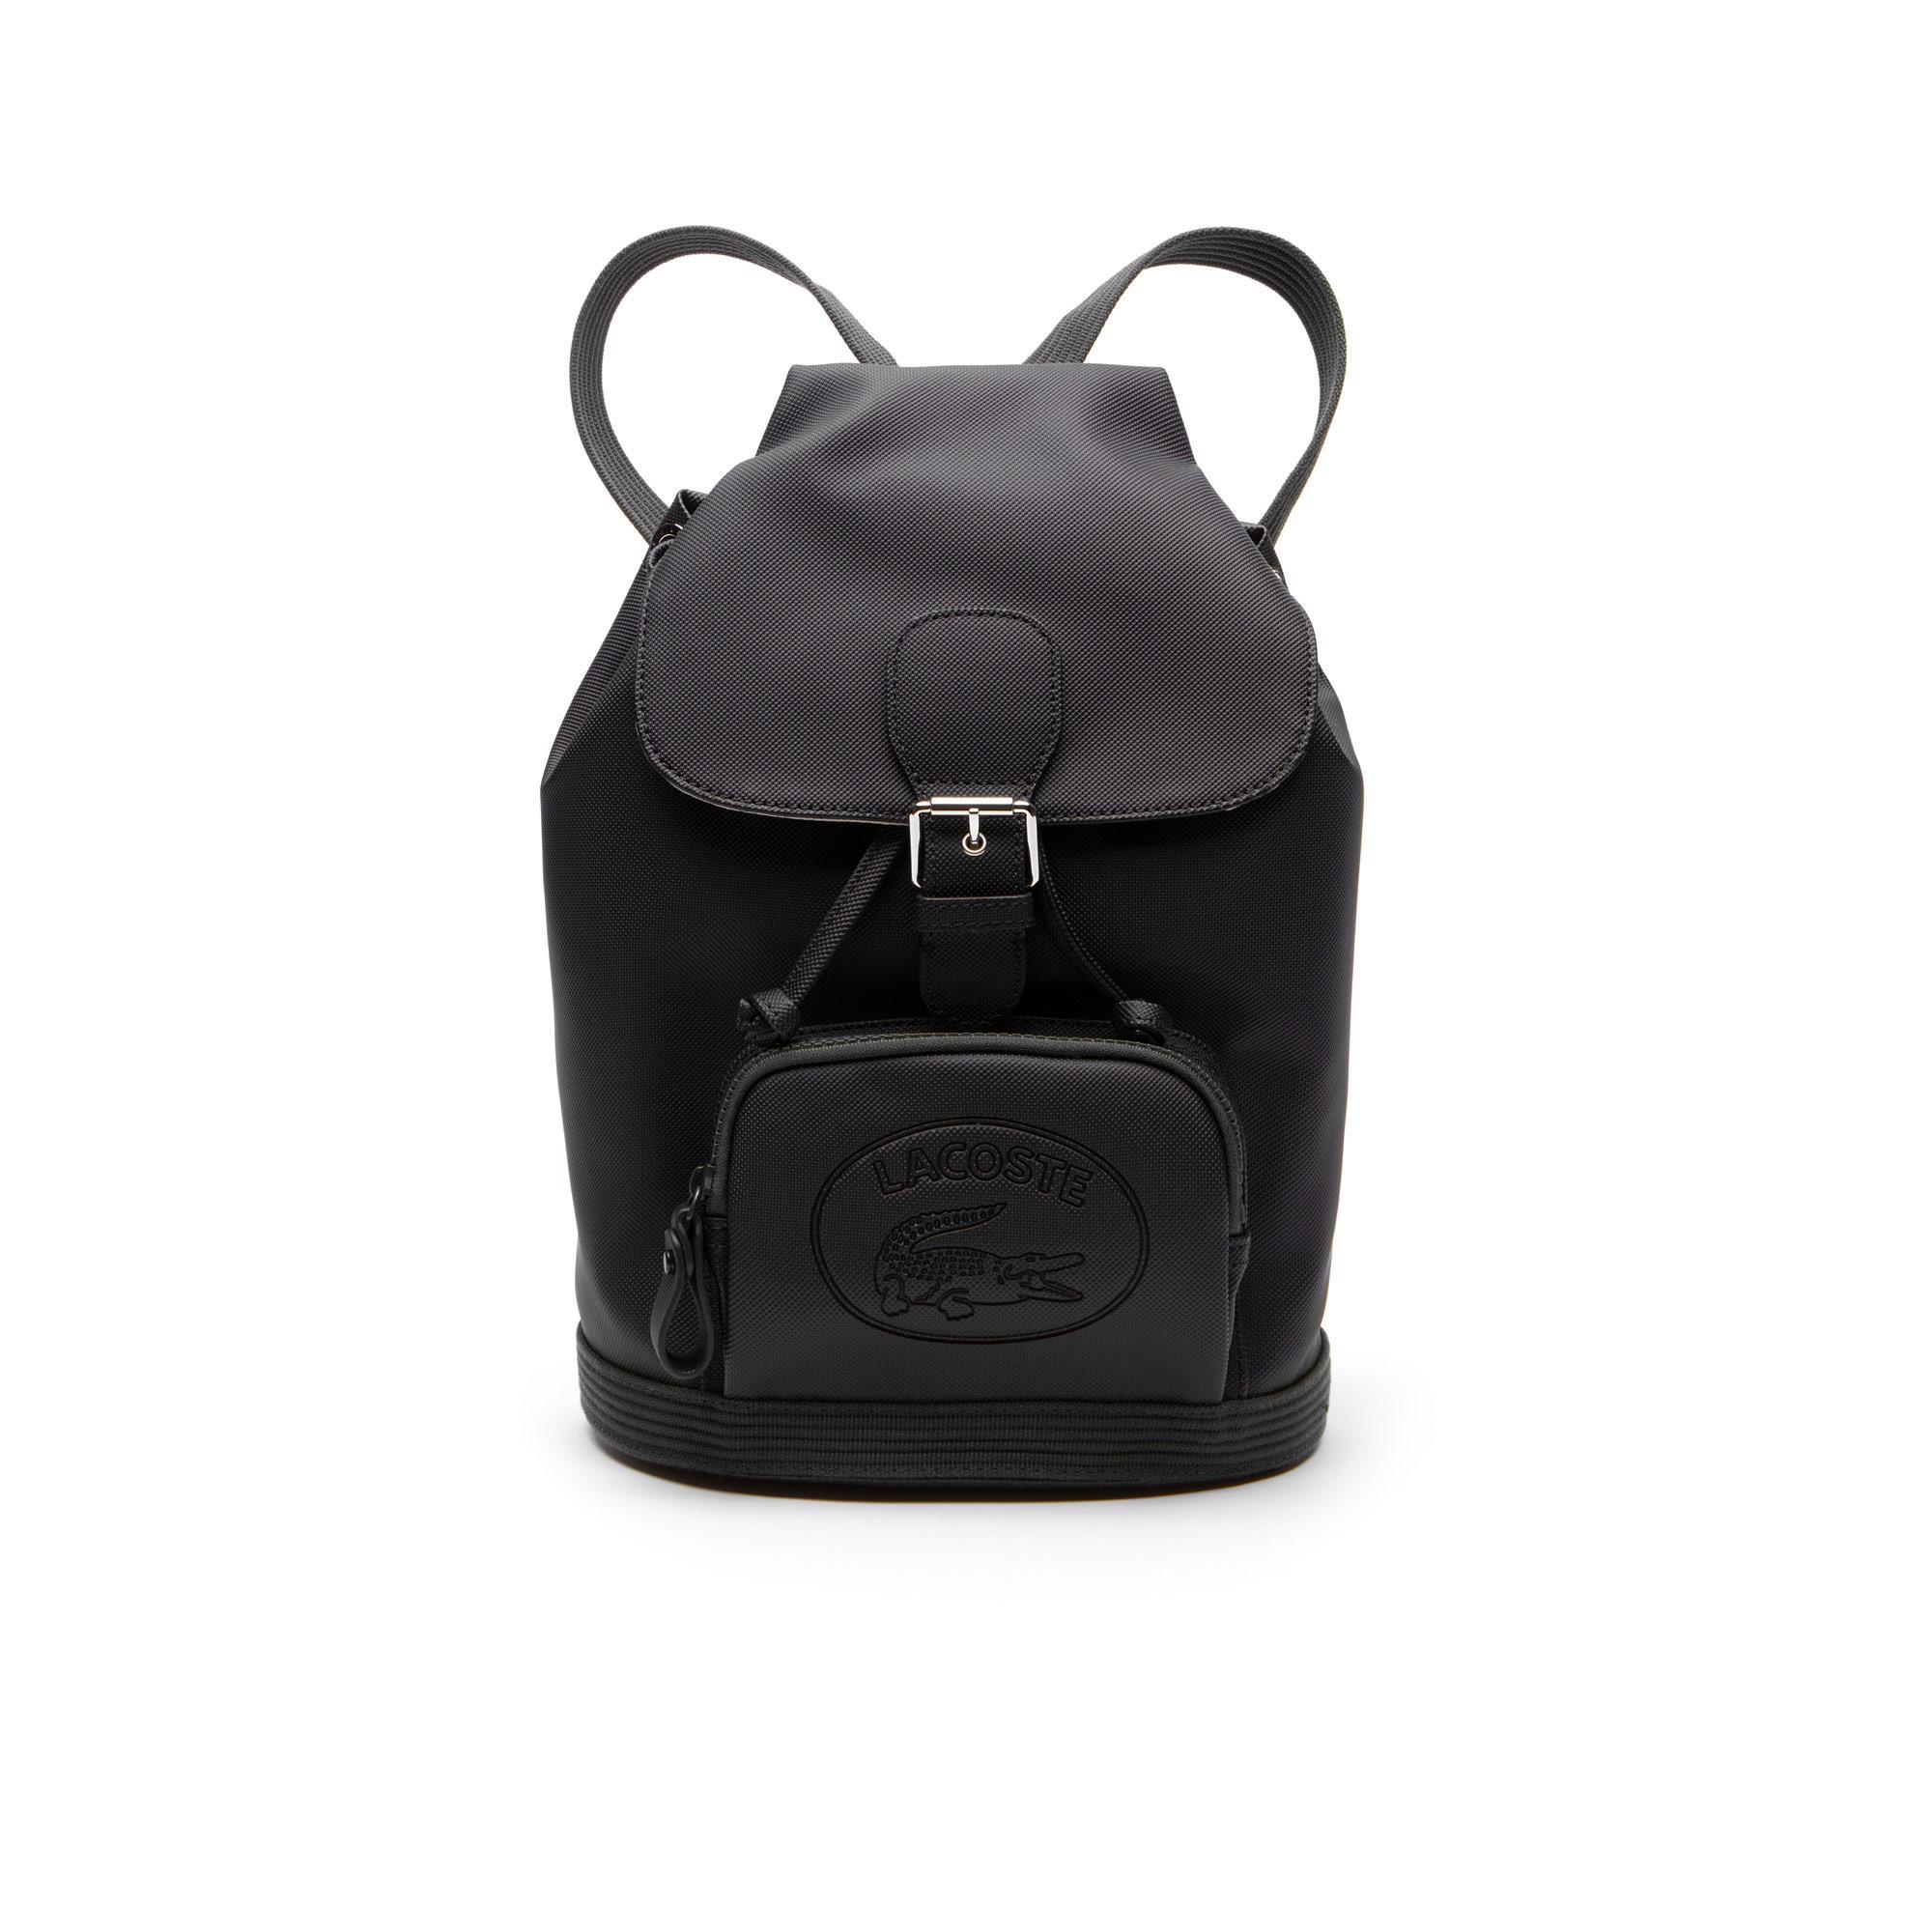 Lacoste Women's Backpack